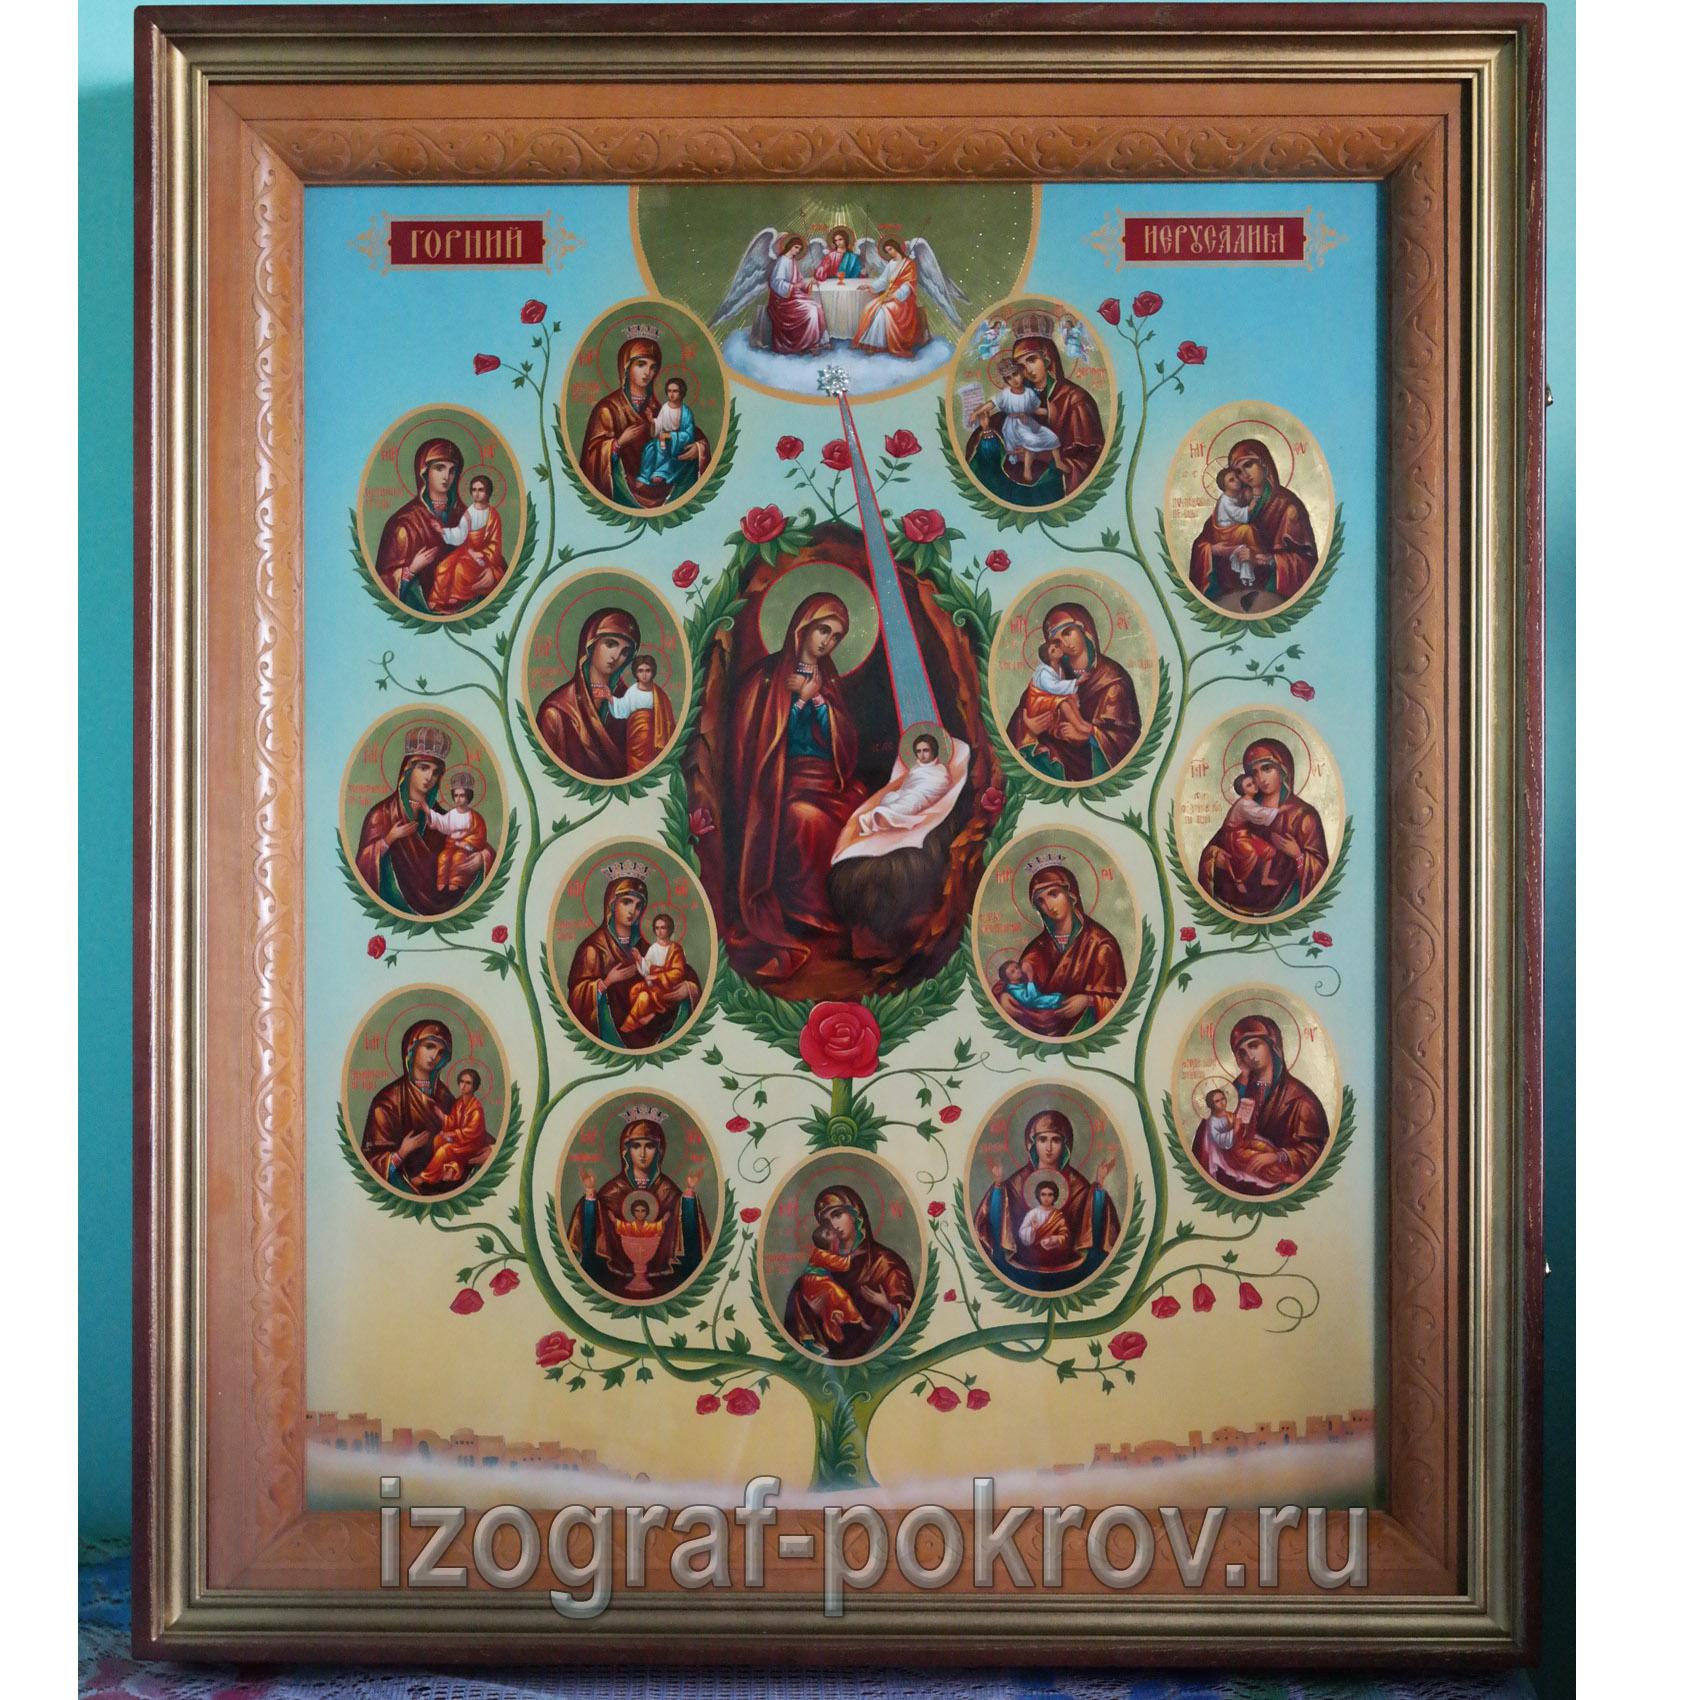 Икона Горний Иерусалим (Древо Пресвятой Богородицы) значение